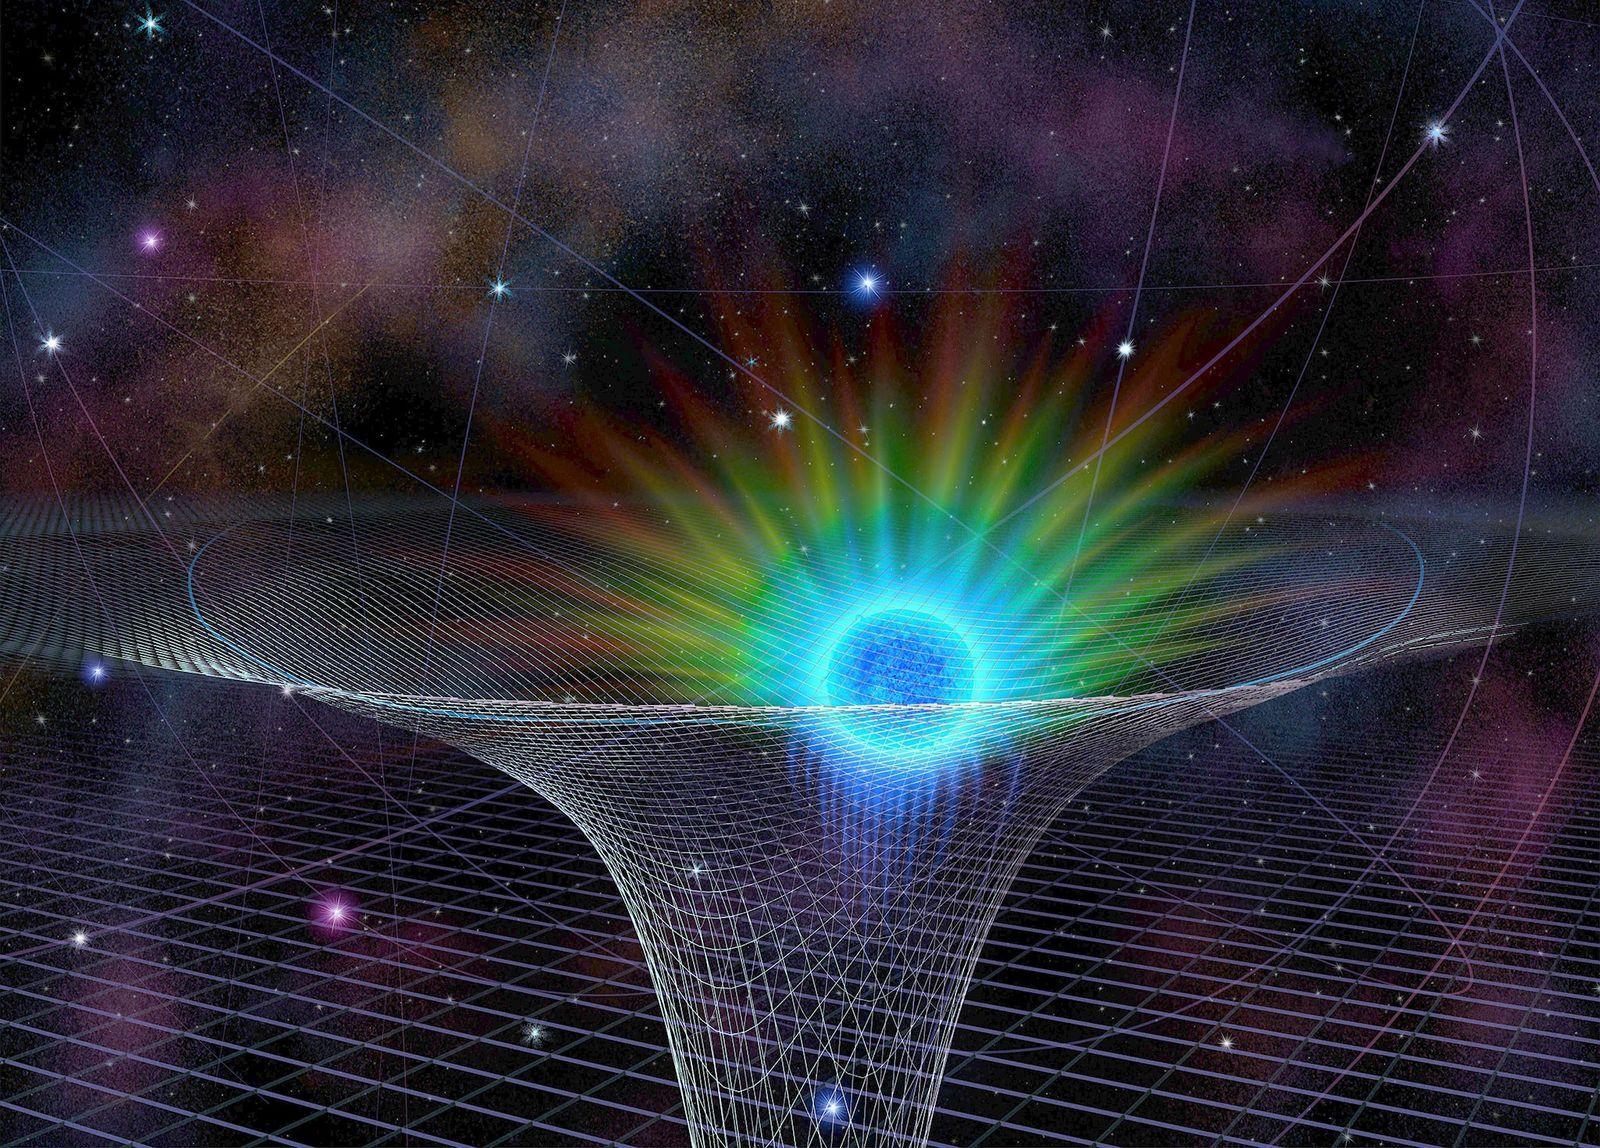 La estrella conocida como S2 en el punto más cercano al agujero negro supermasivo Sagitario A*, ...